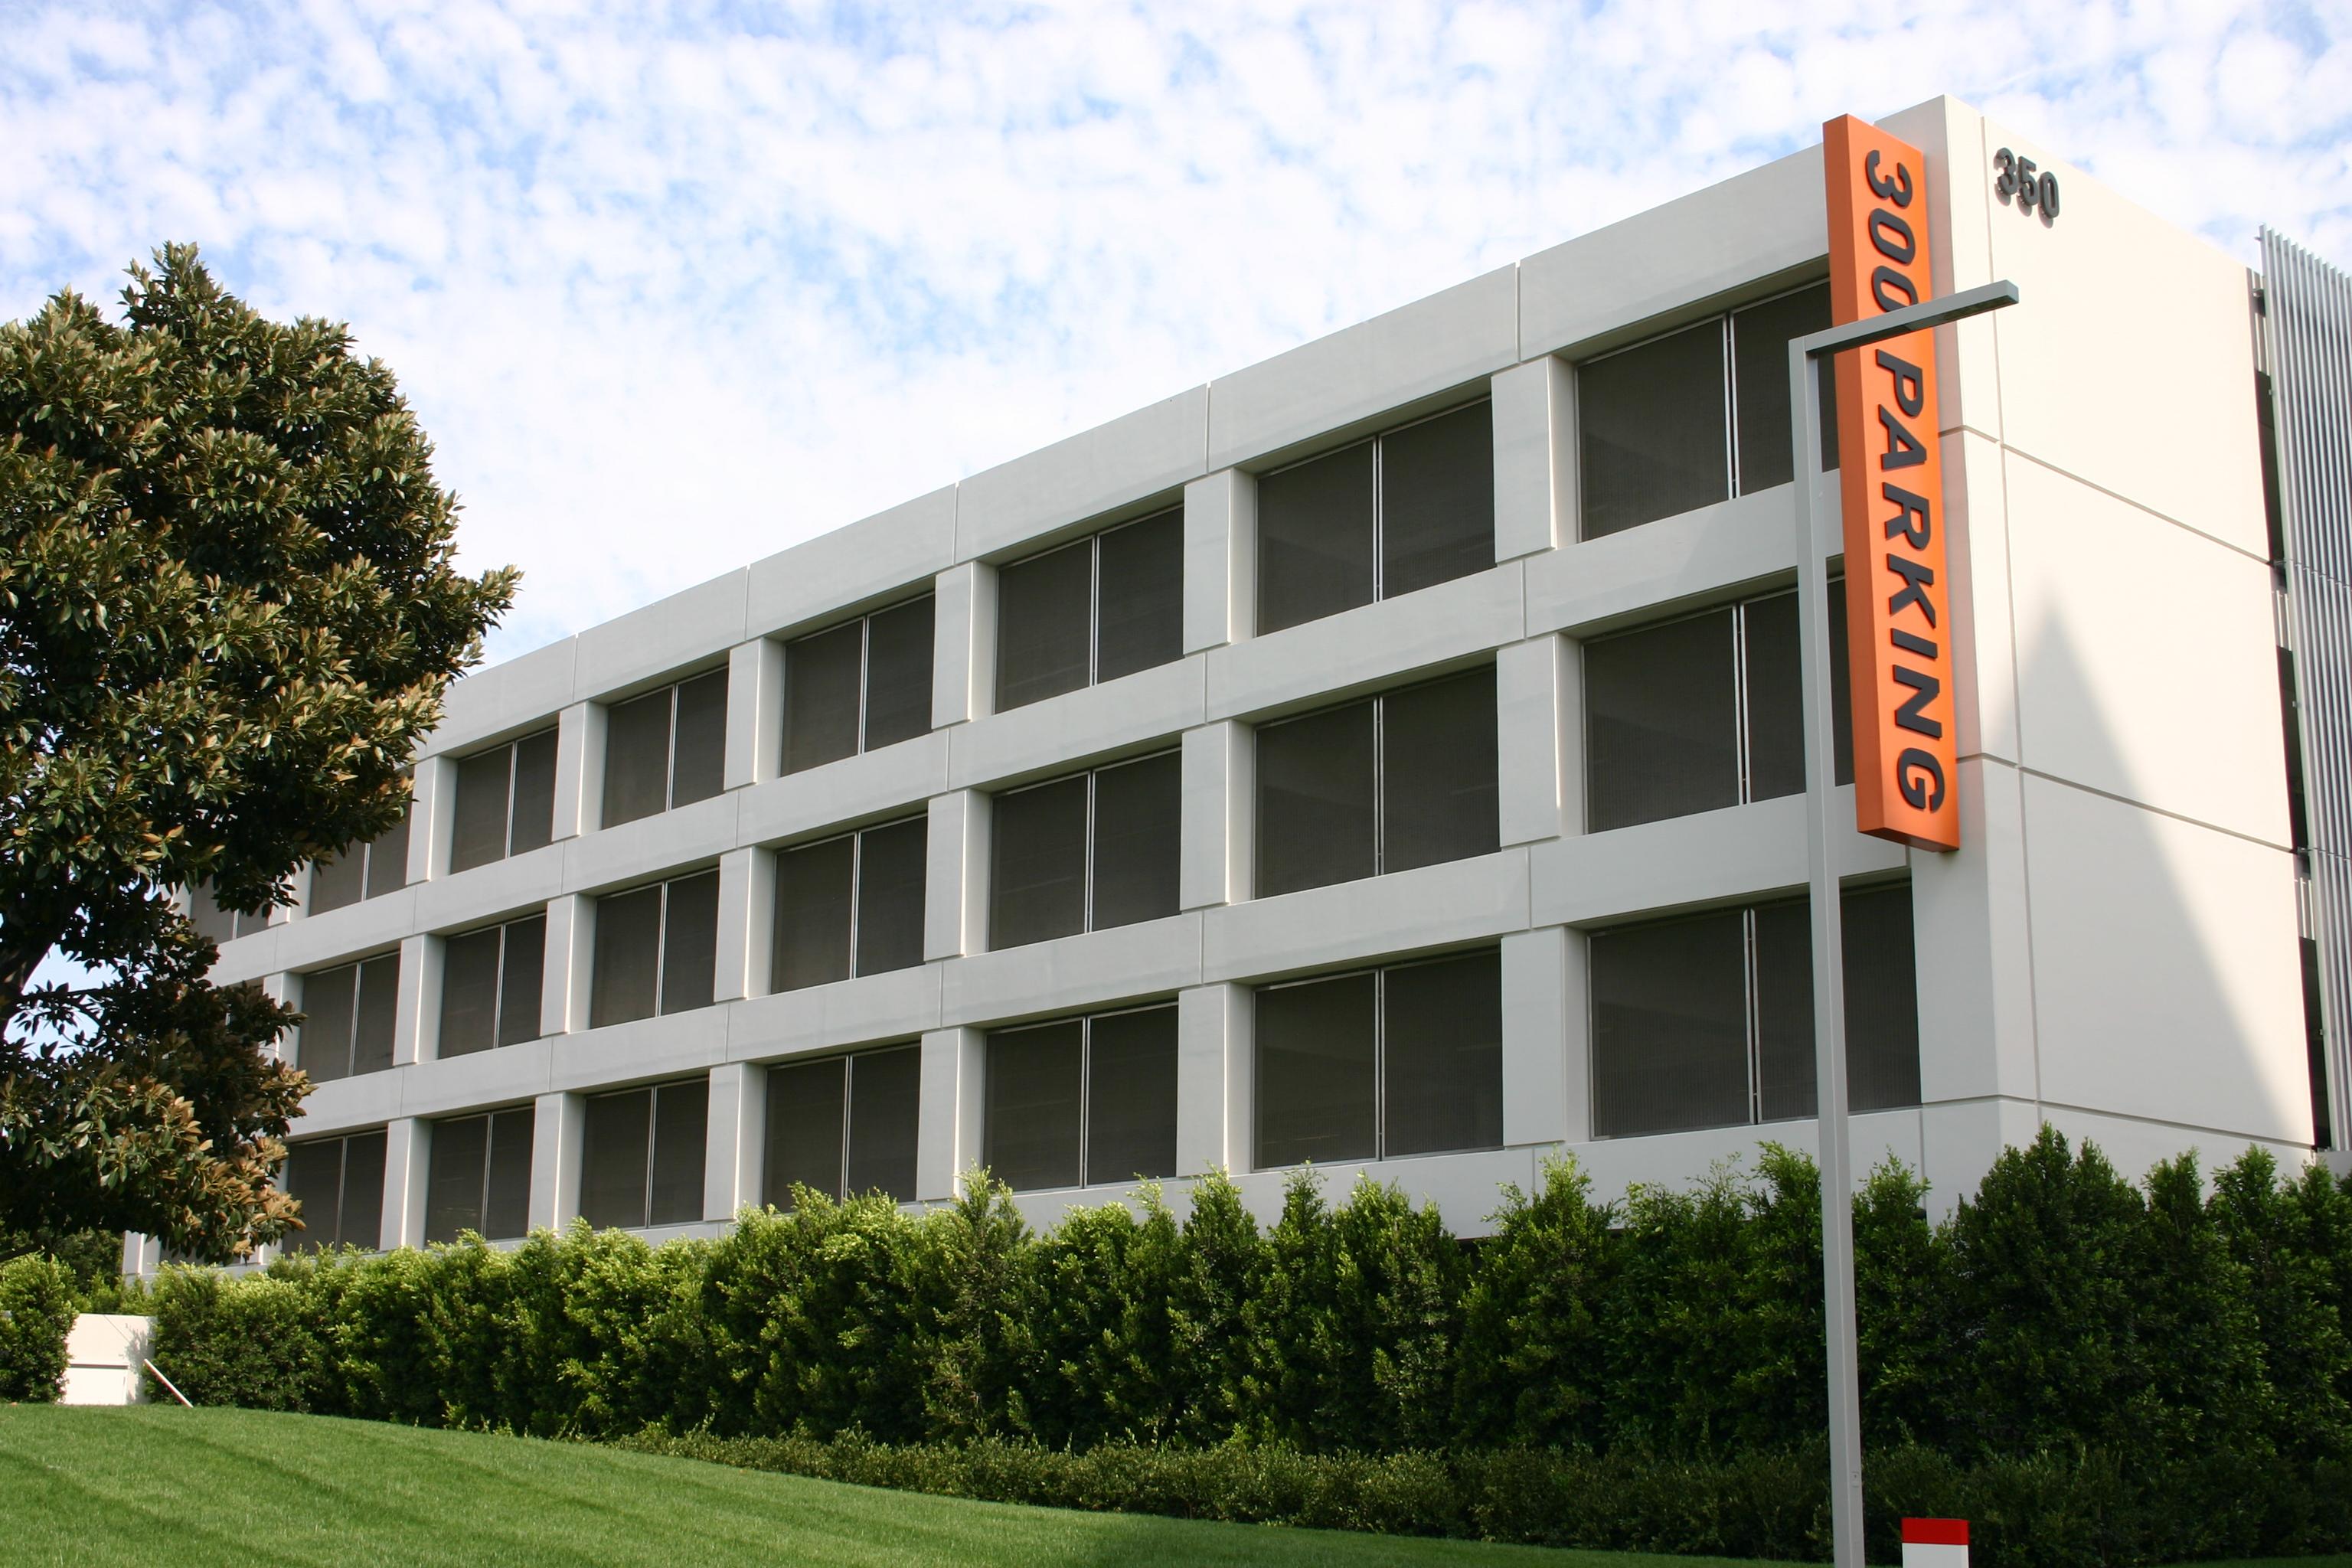 Irvine Spectrum Center Parking Garages